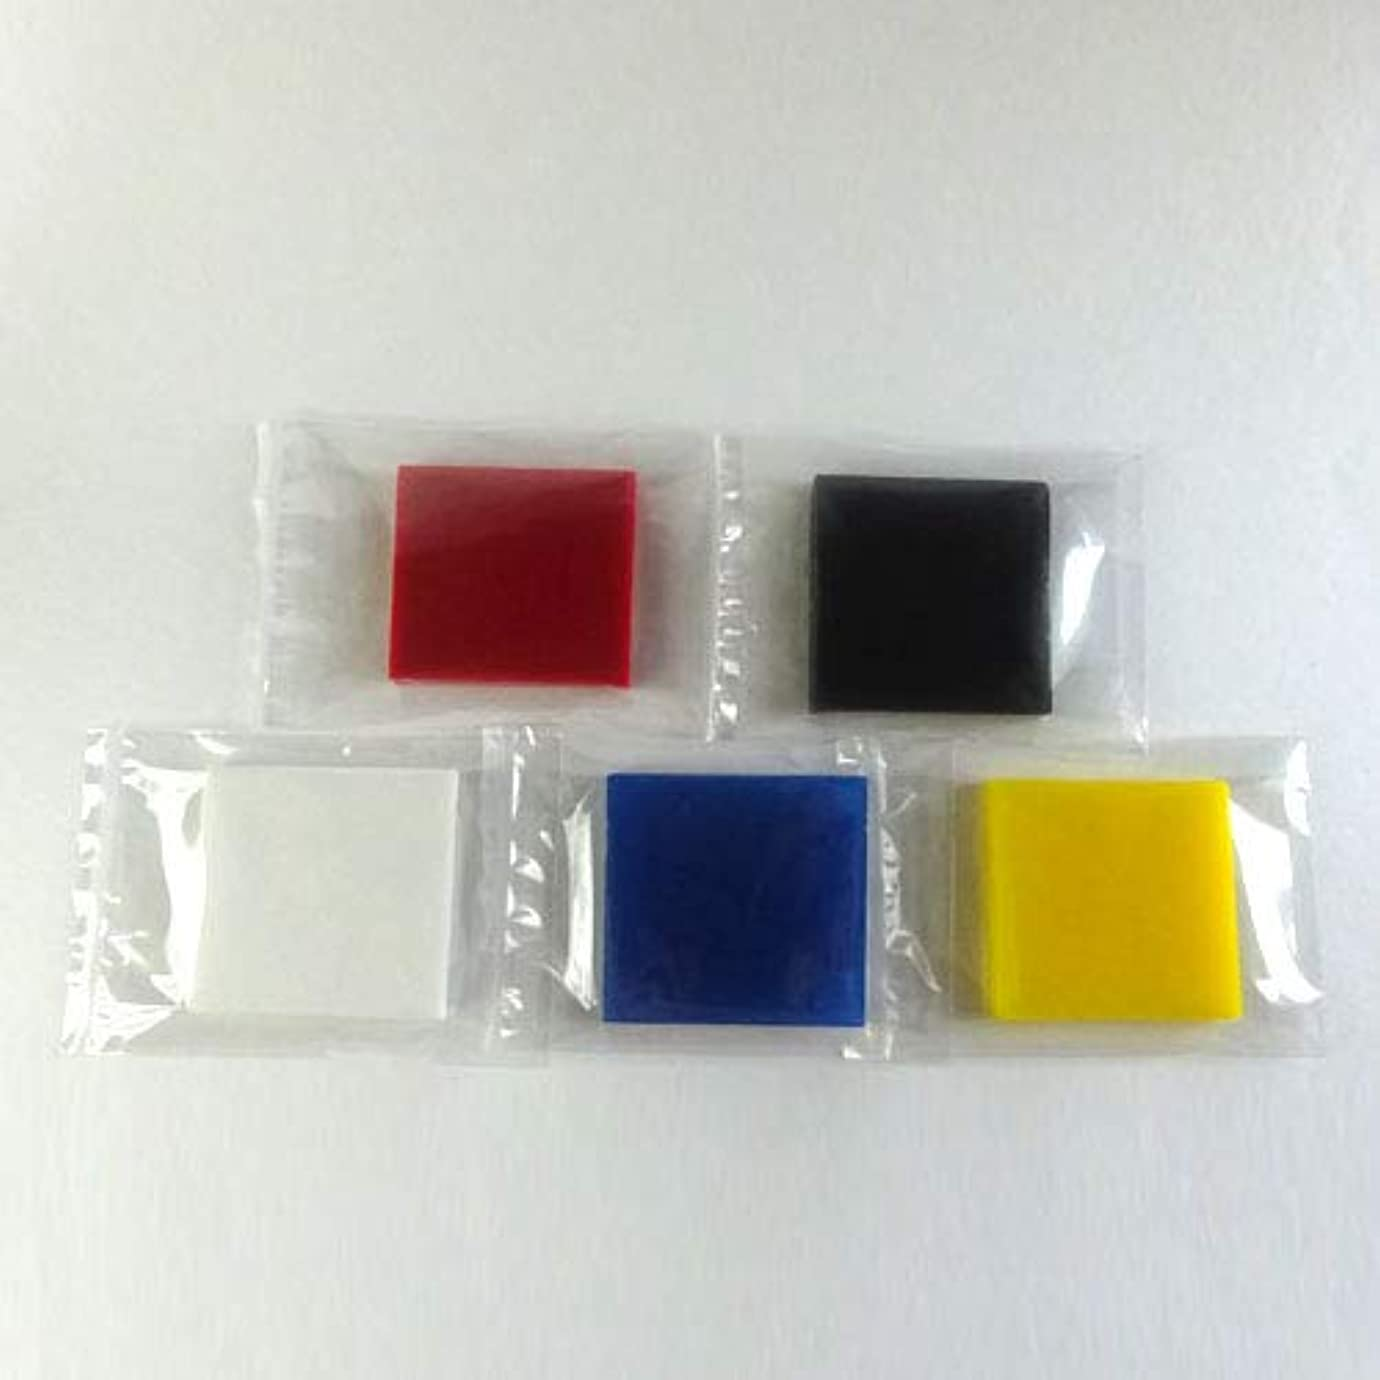 前投薬コンテストナビゲーショングリセリンソープ MPソープ 色チップ 5色(赤?青?黄?白?黒) 各120g(30g x 4pc)